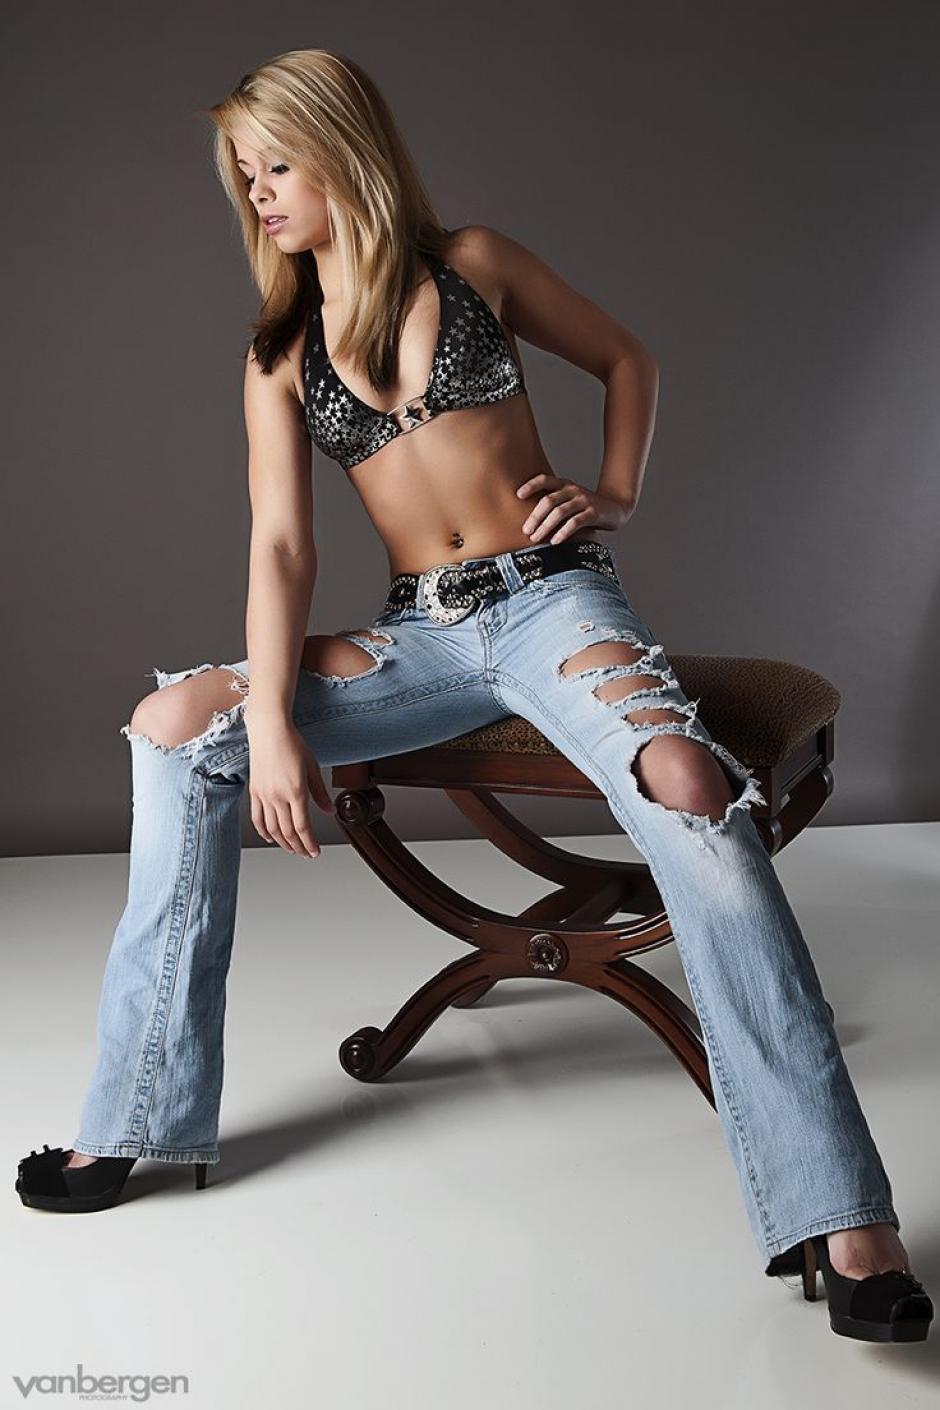 Elegancia, porte y belleza son solo algunos de los atributos de Paige VanZant.